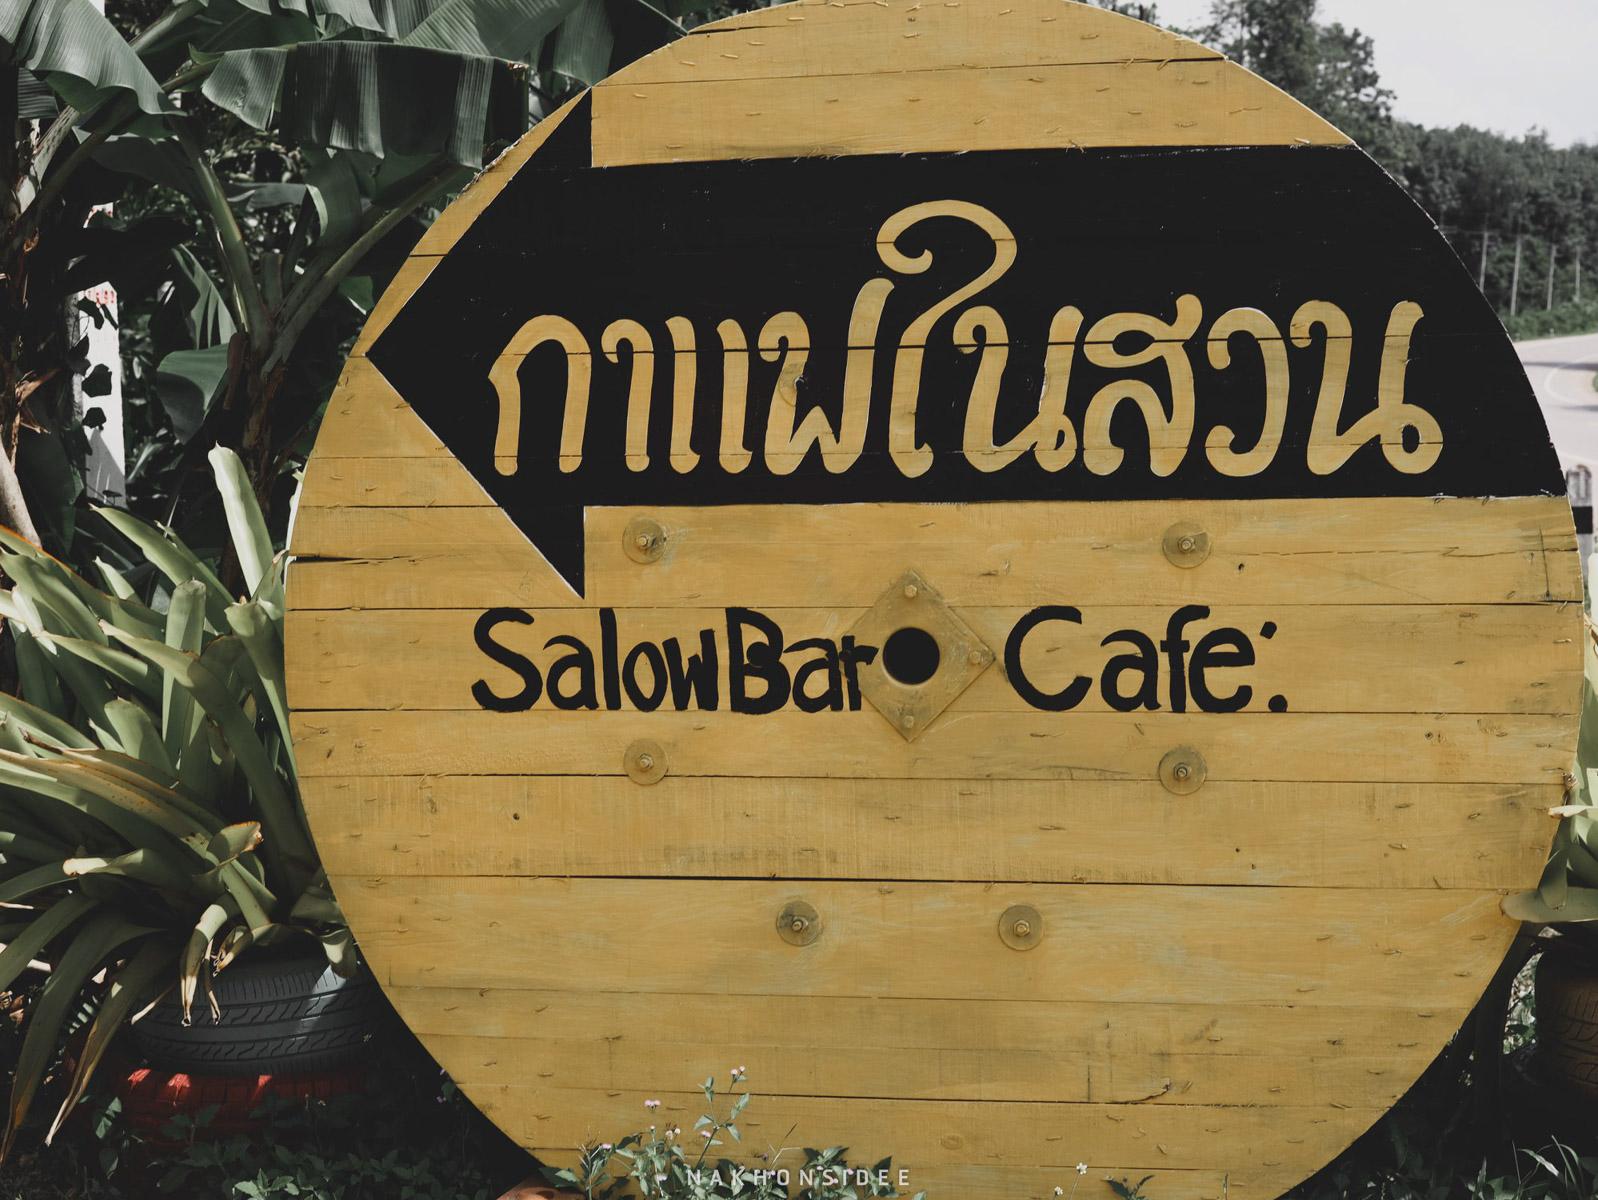 2. กาแฟในสวน บ้านพน พัทลุง บอกเลยที่นี่บรรยากาศ ฟิลลิ่ง 10/10 คอนเซปคือกาแฟแบบบ้านญาติ สามารถสั่งกาแฟแล้วเดินชิวในสวน (พื้นที่กว้างมาก) ภายในมีผลไม้หลายชนิดสามารถเก็บกินได้ฟรีจากต้นเลย และสามารถนำเต๊นท์มาจัด camping ได้ด้วยนะครับ ดีย์จริงพัทลุง,tat,ททท,การท่องเที่ยว,นครศรี,จุดเช็คอิน,กงหรา,พื้นบ้าน